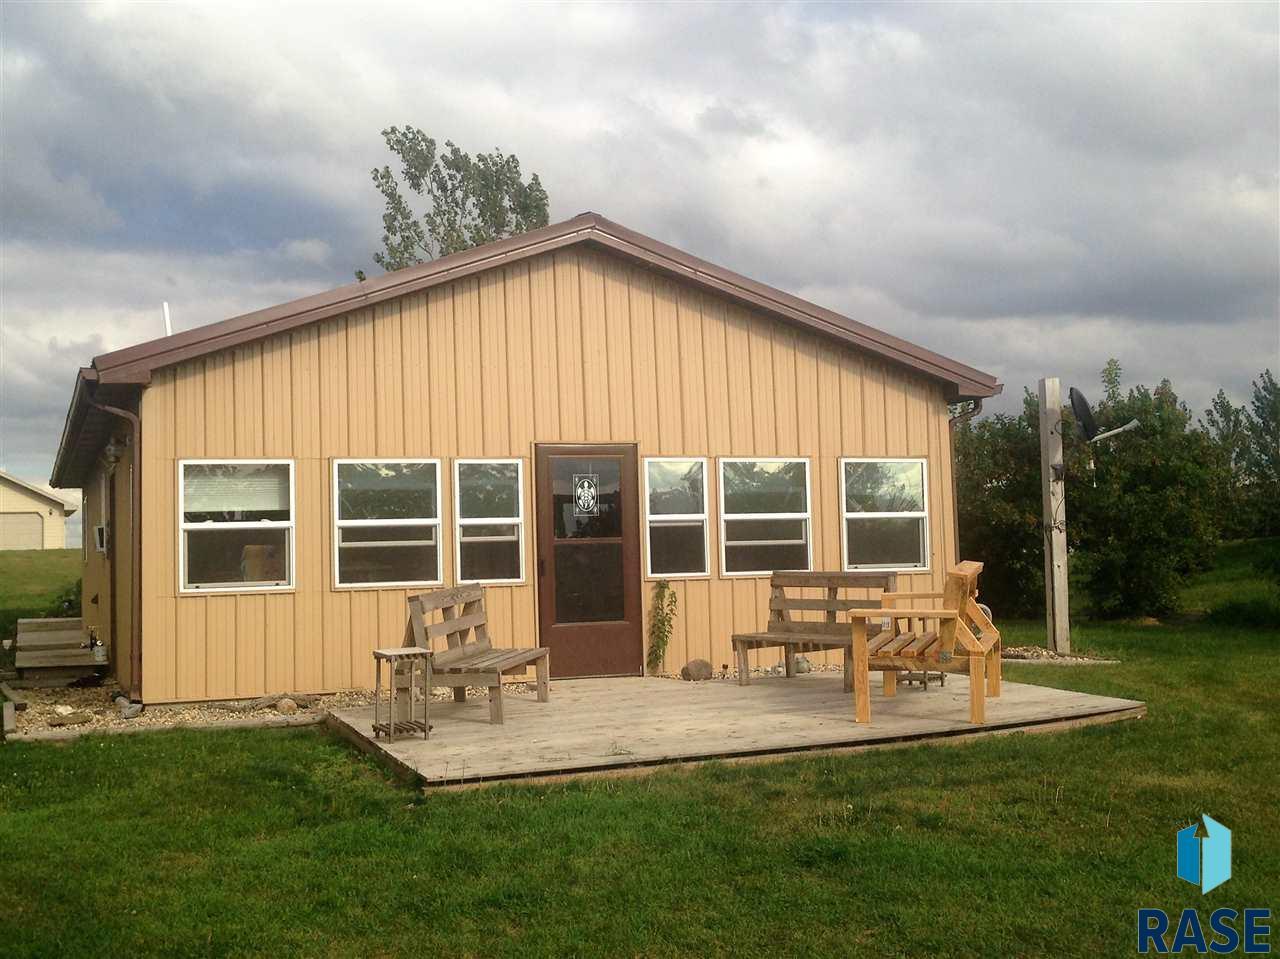 11453 Vuhl Lakeview Rd, Lake City, SD 57247